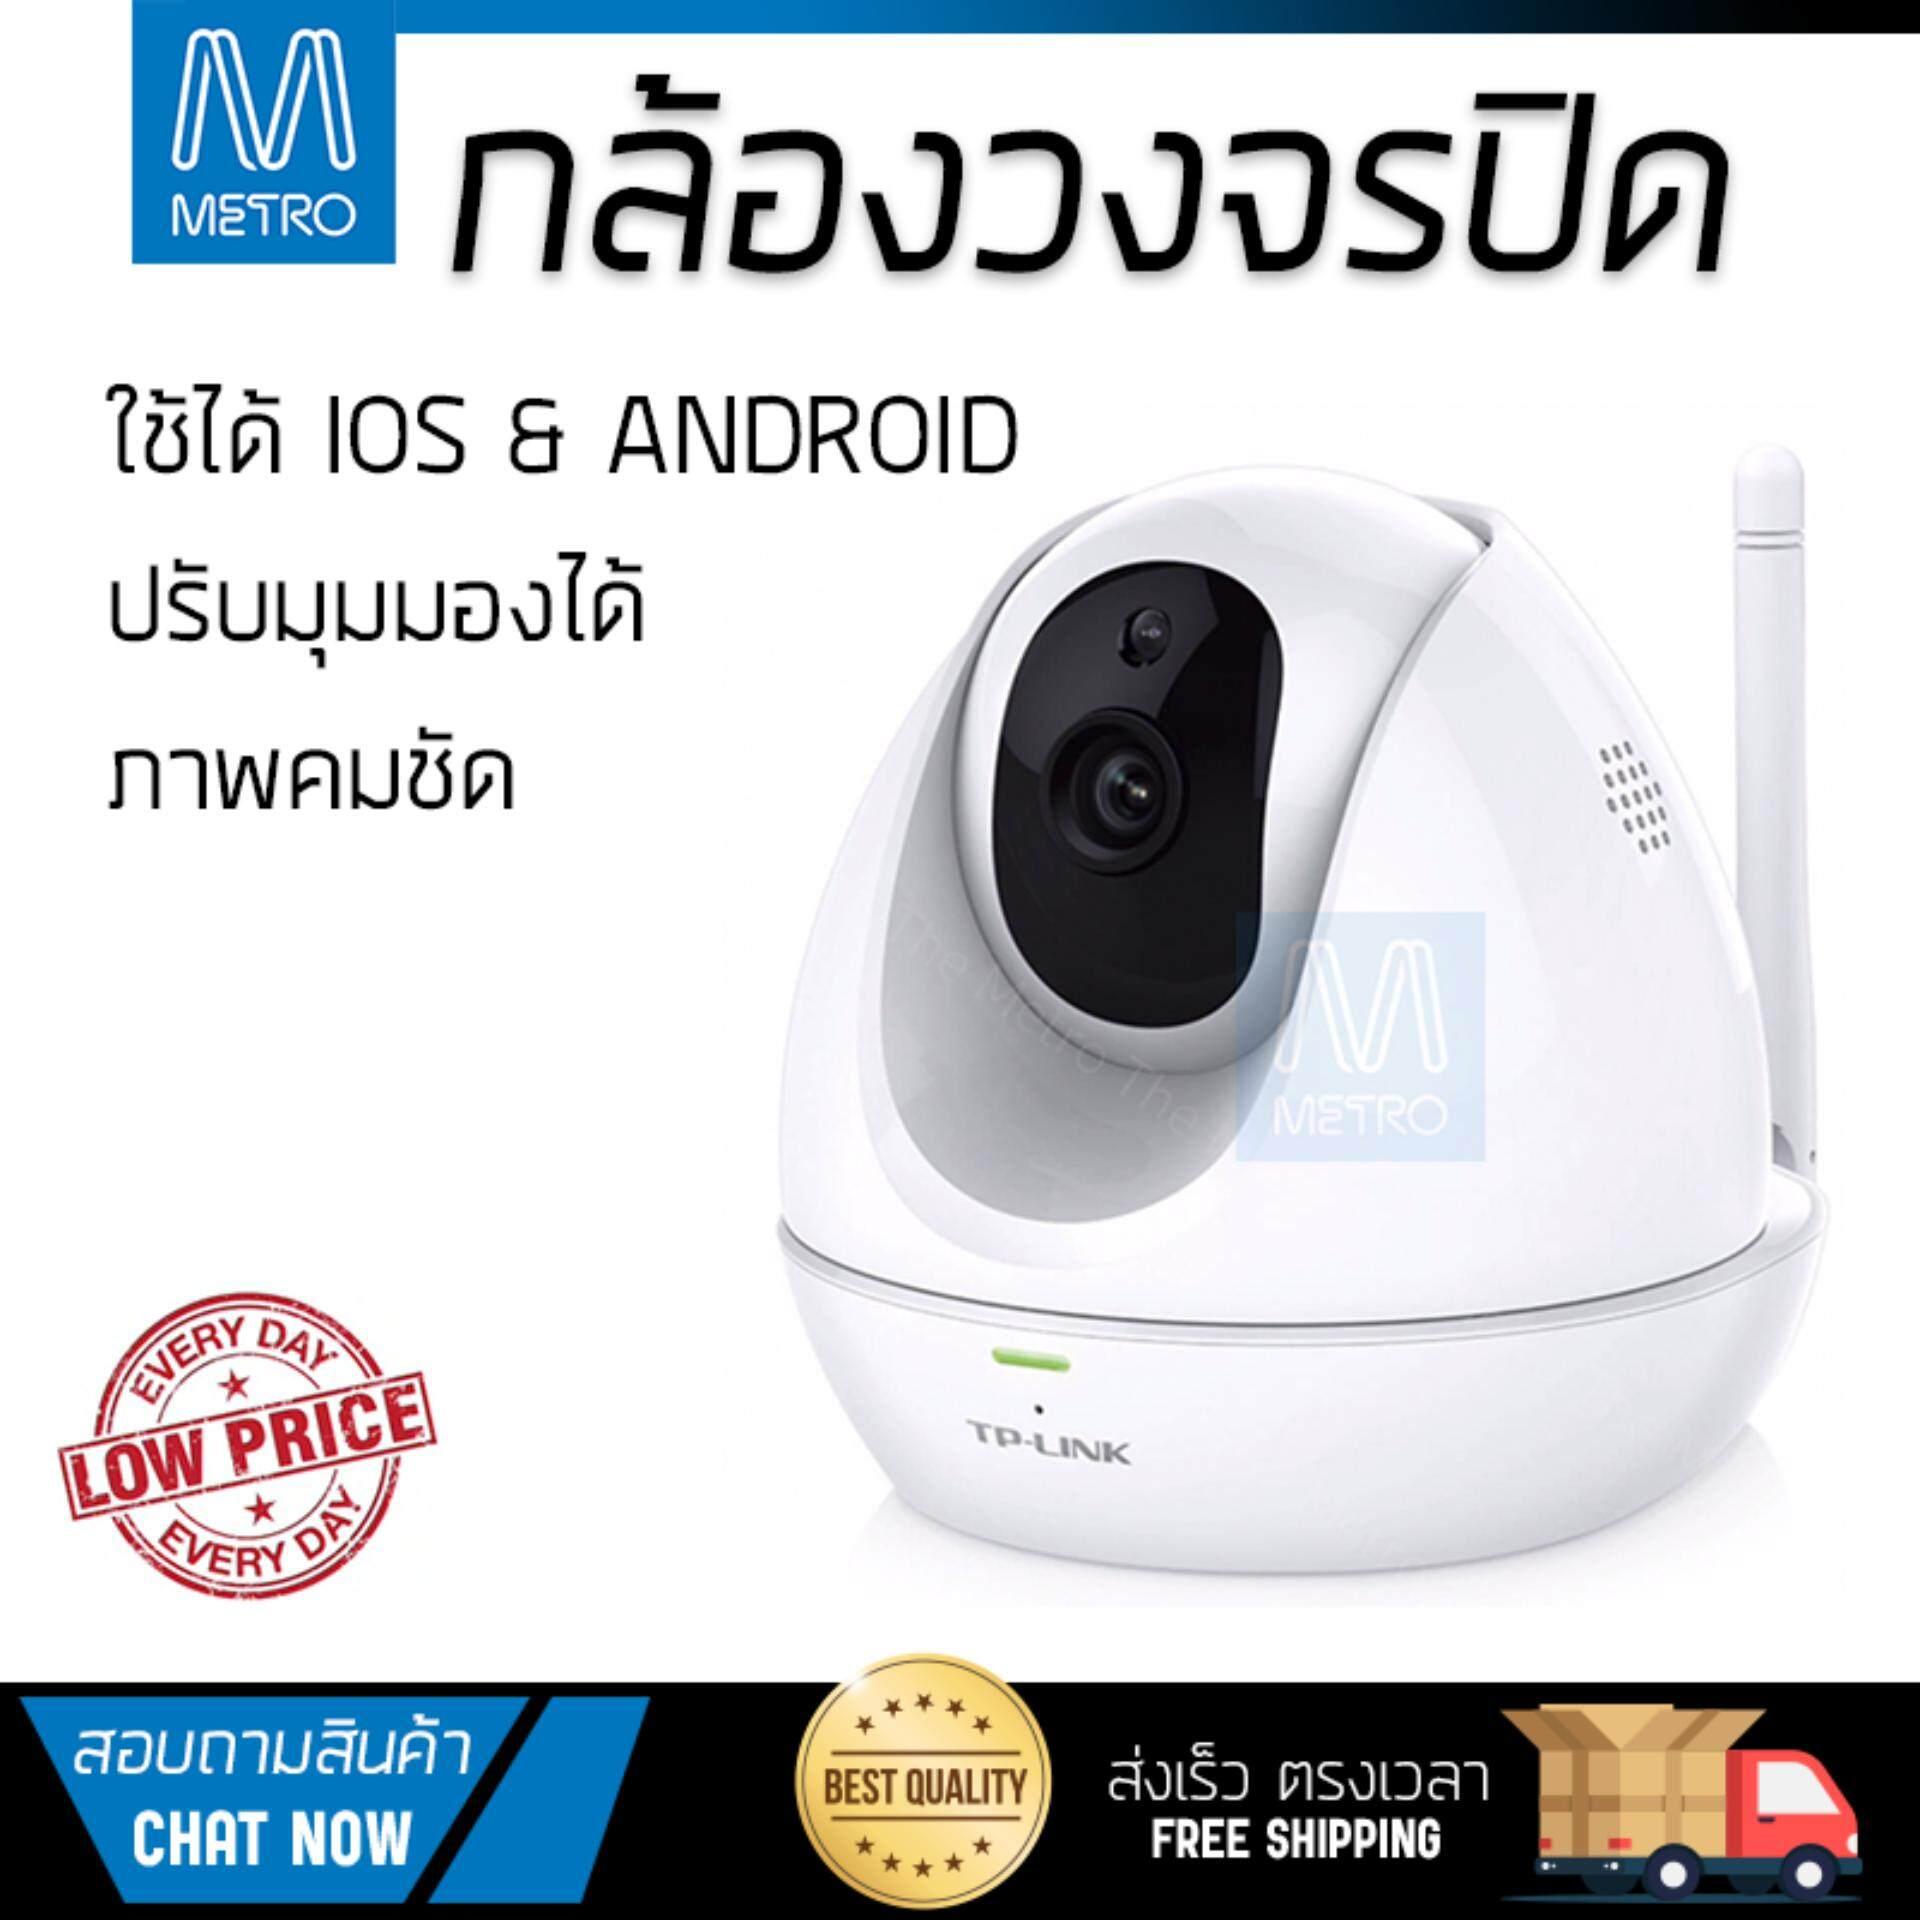 เก็บเงินปลายทางได้ โปรโมชัน กล้องวงจรปิด           TP-LINK กล้องวงจรปิด Wi-Fi รุ่น NC450             ภาพคมชัด ปรับมุมมองได้ กล้อง IP Camera รับประกันสินค้า 1 ปี จัดส่งฟรี Kerry ทั่วประเทศ